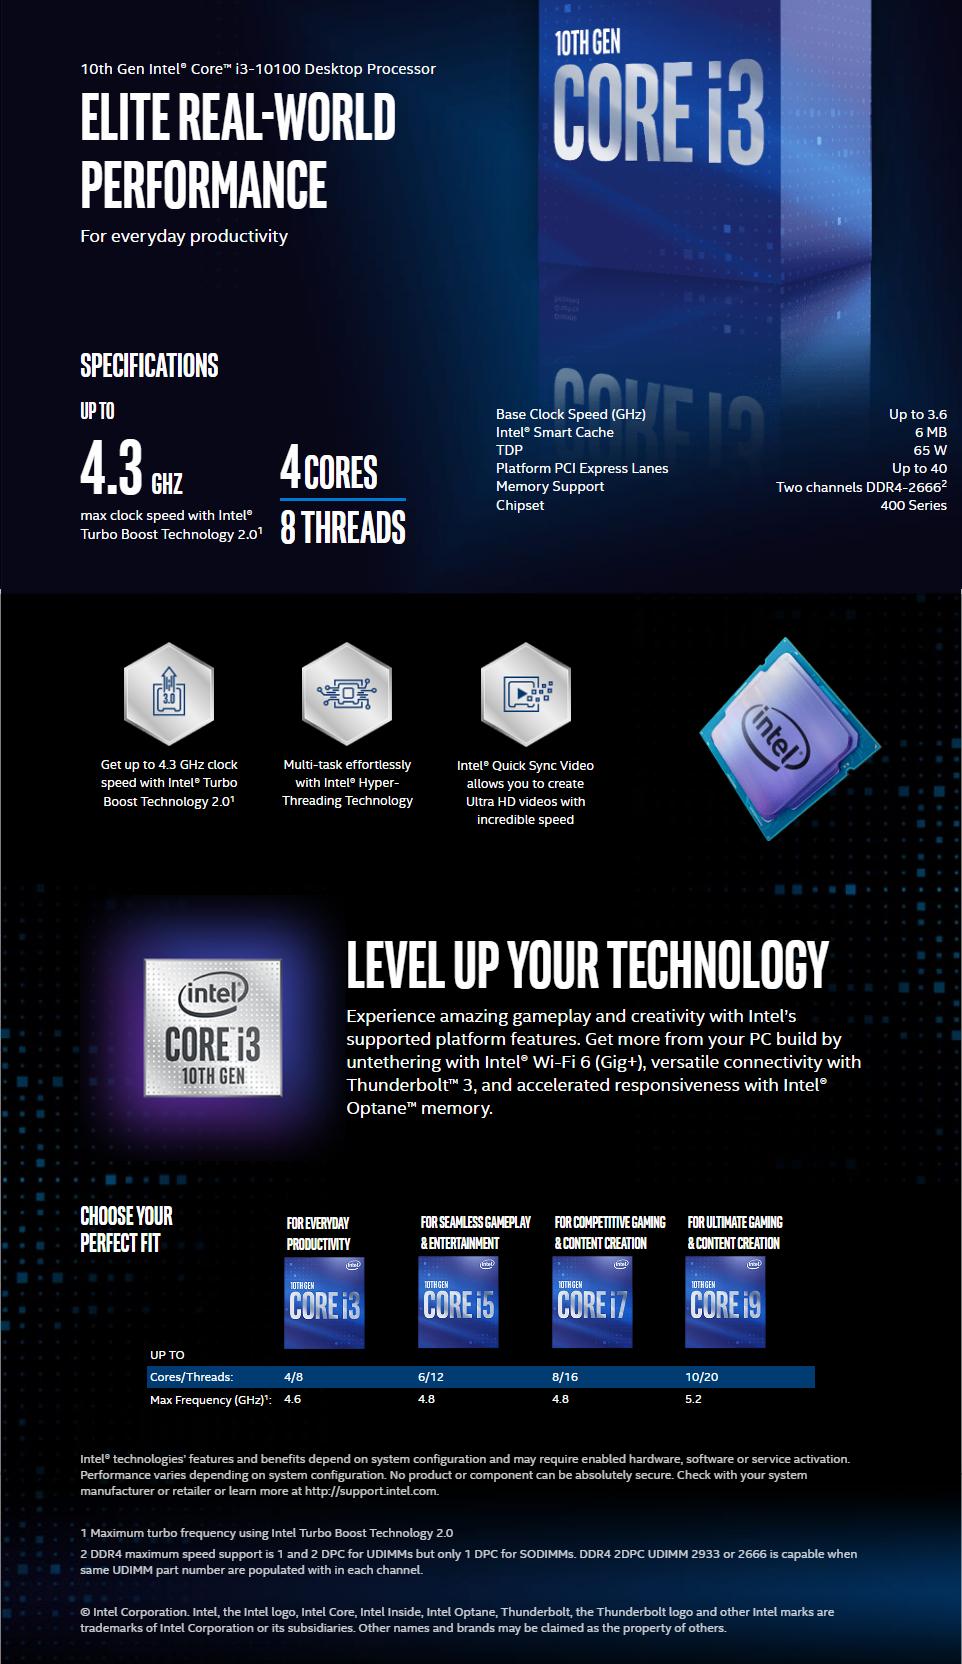 intel-core-i3-10100-10th-gen-processor-india-specification